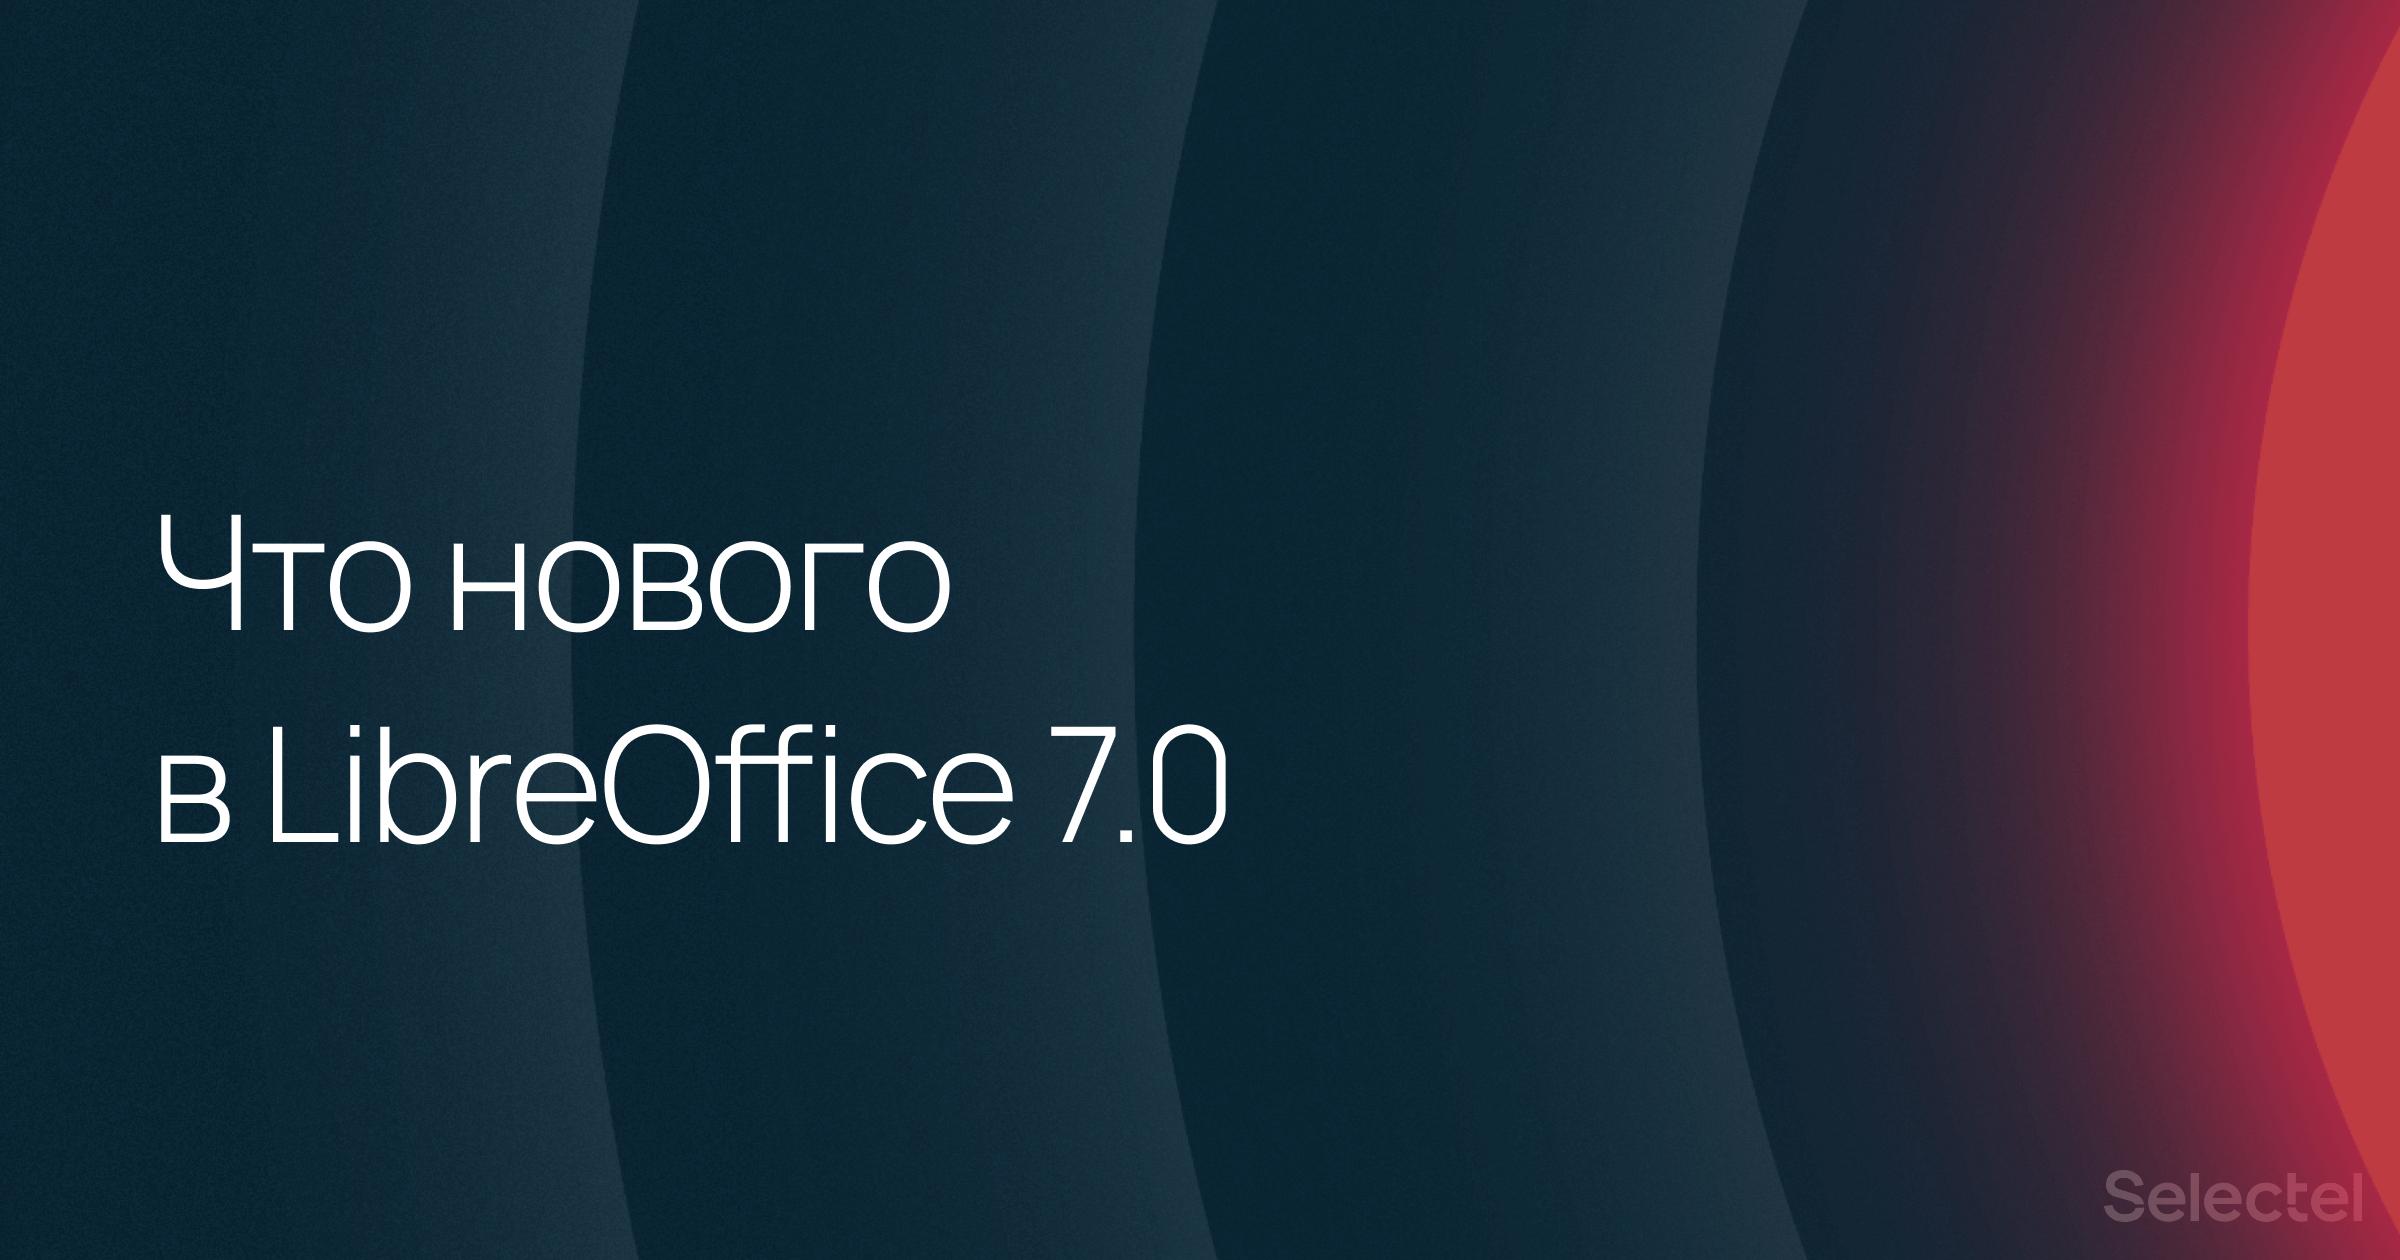 Дождались вышел LibreOffice 7.0